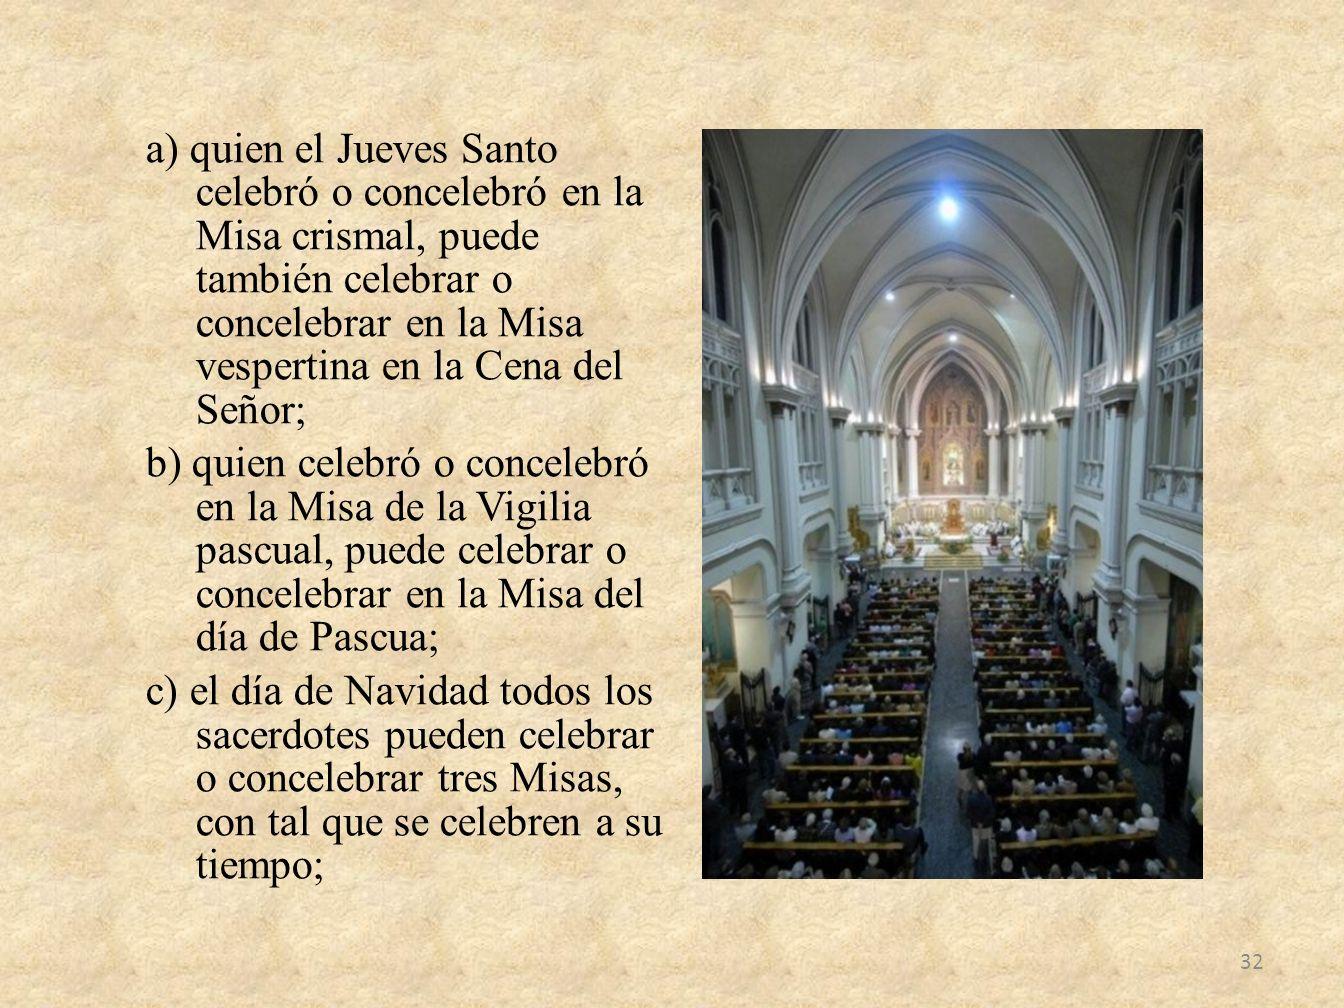 a) quien el Jueves Santo celebró o concelebró en la Misa crismal, puede también celebrar o concelebrar en la Misa vespertina en la Cena del Señor; b)